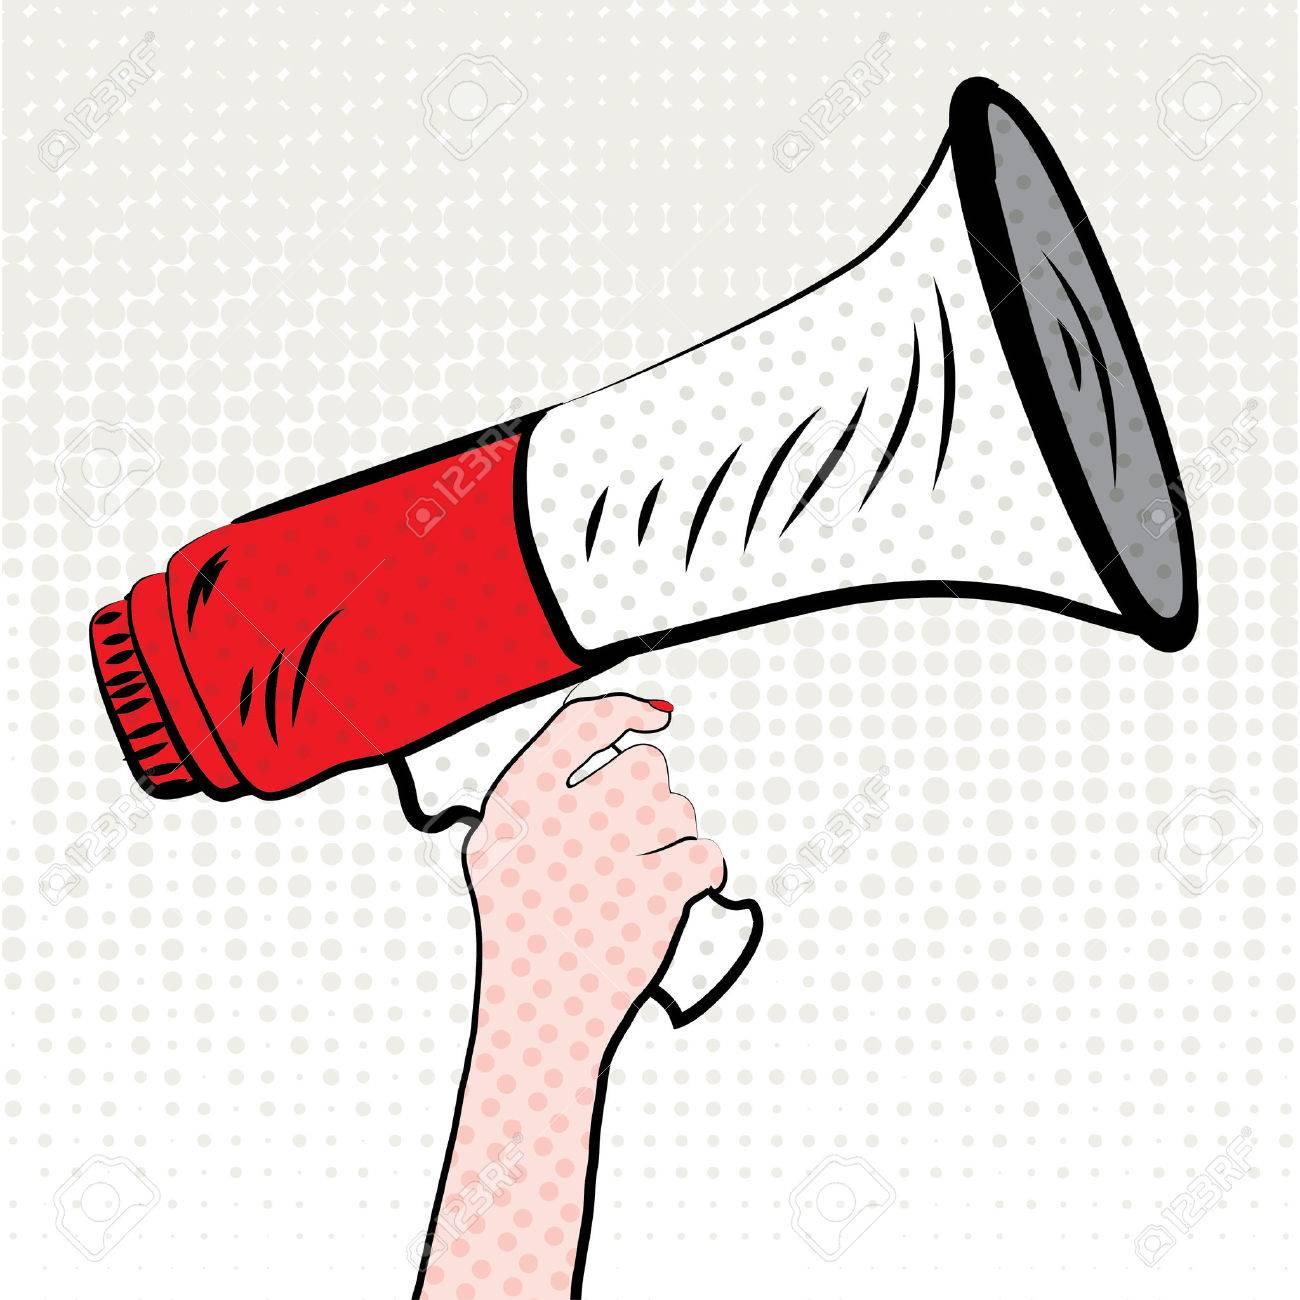 Pop art megaphone design - 52459592